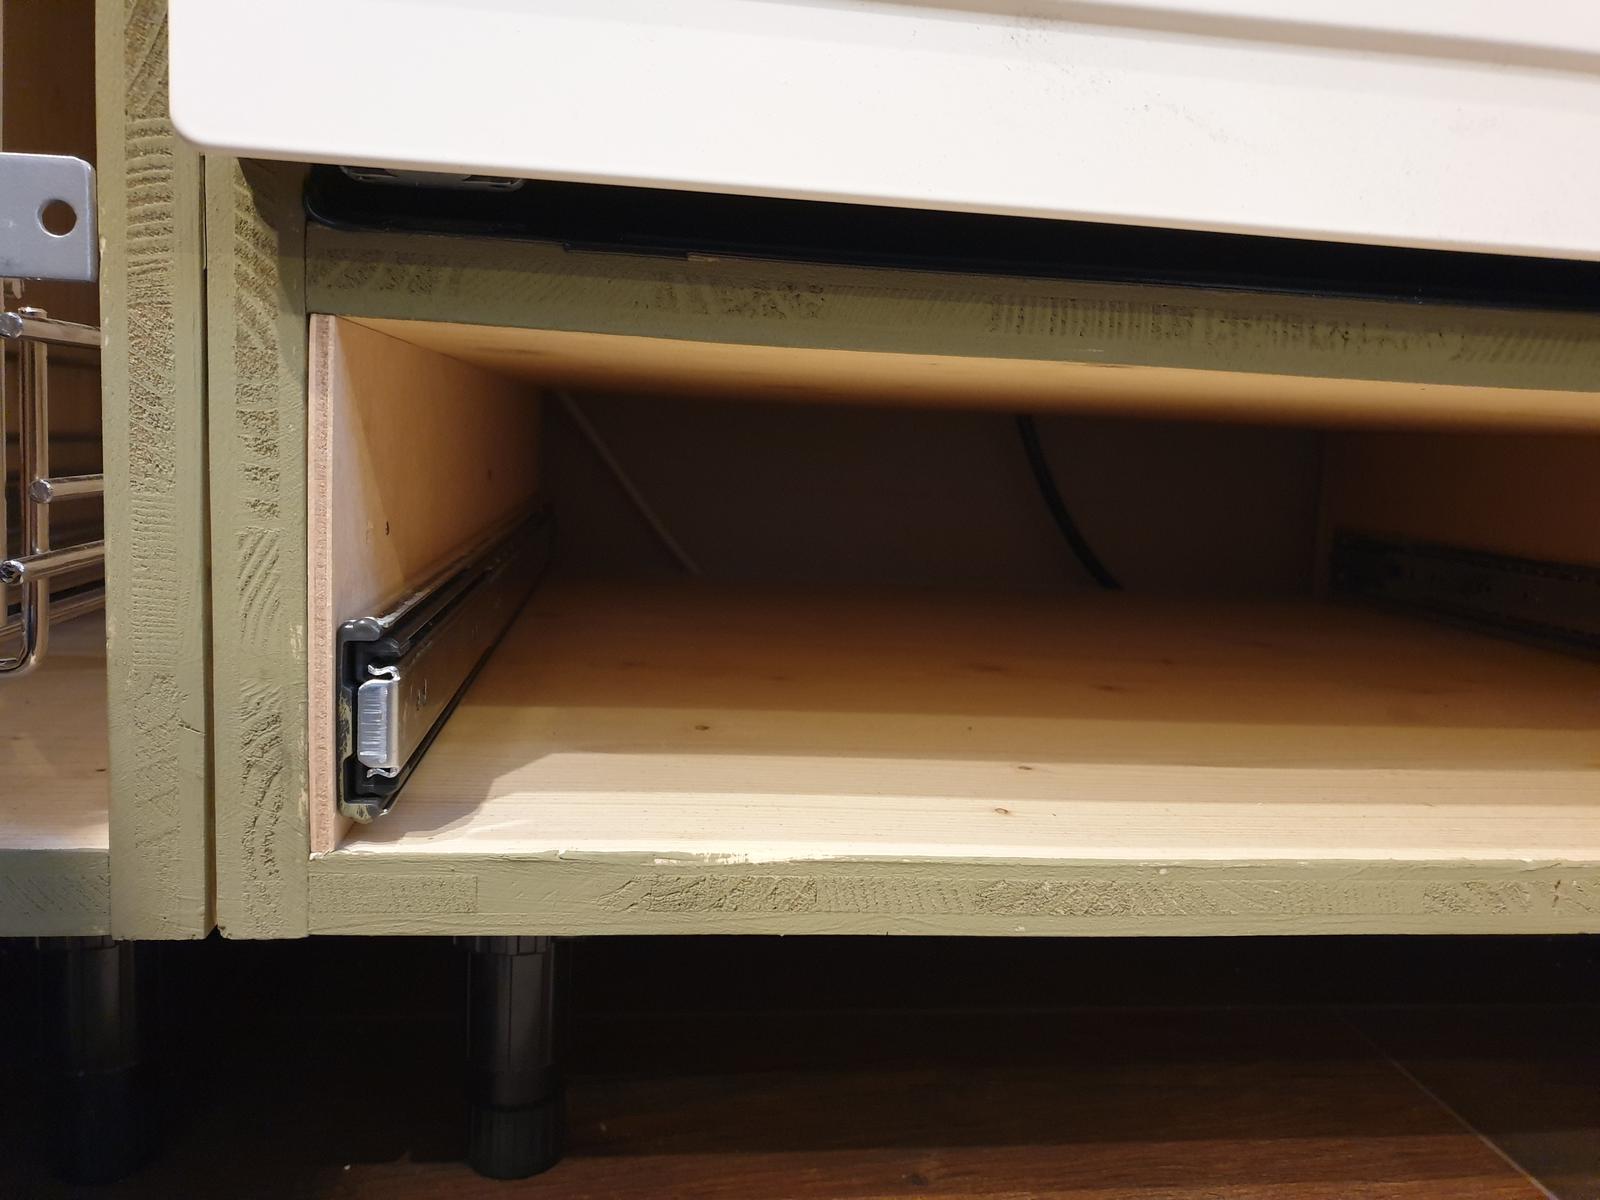 Kuchyňa svojpomocne - Detail spodku skrinky a dosky, kde je položená vstavaná rúra